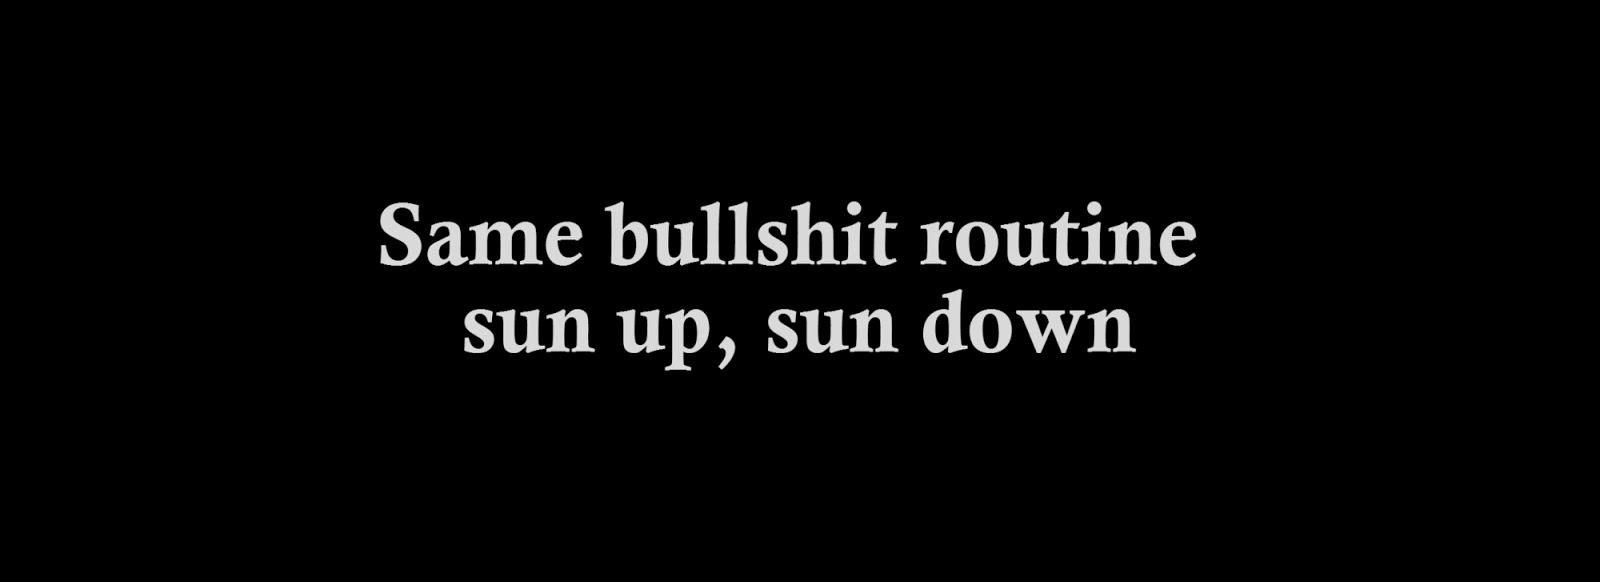 Same bullshit routine sun up, sun down